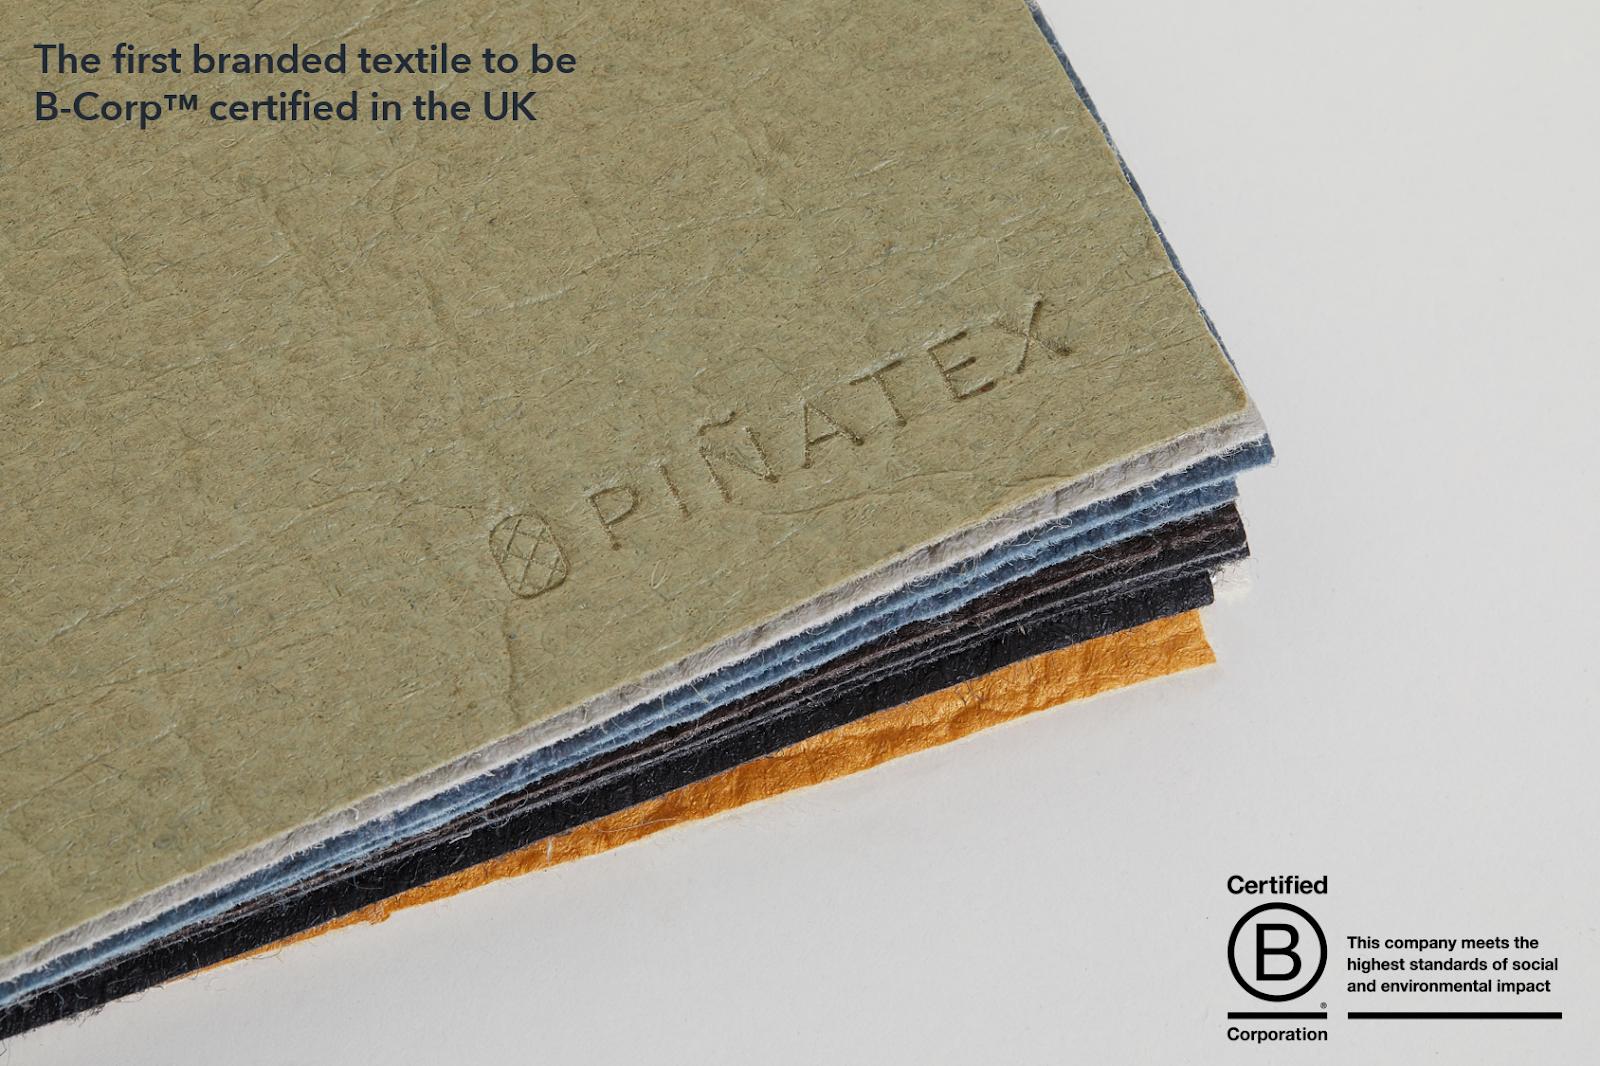 Tessuti sostenibili: Pinatex pelle vegetale